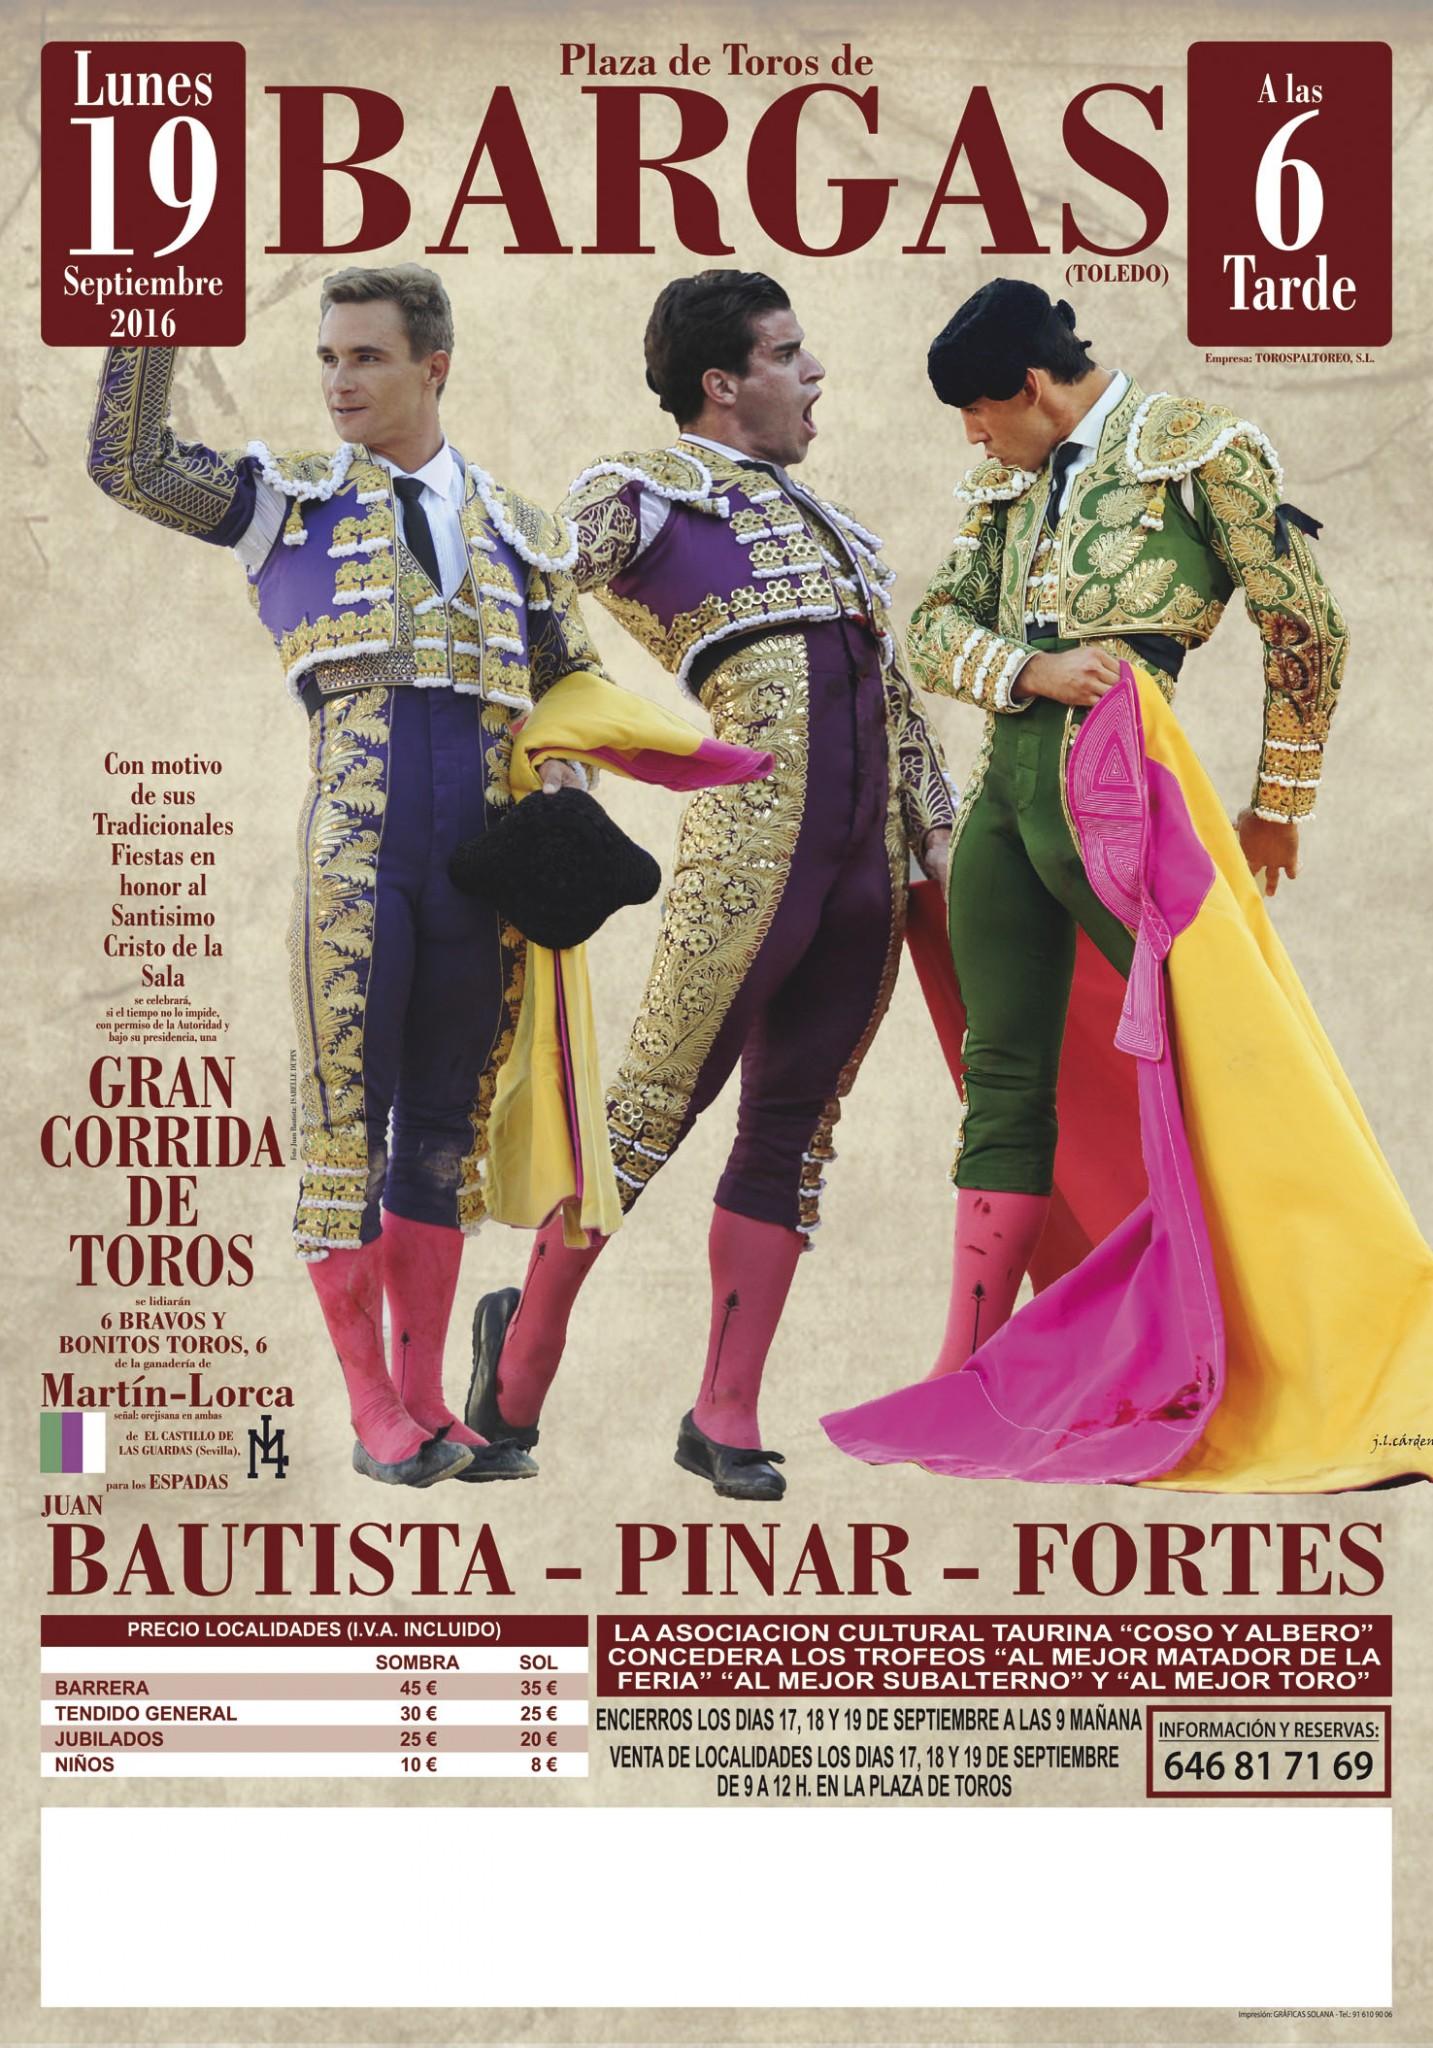 Gran Corrida de Toros: Bautista, Pinar y Fortes